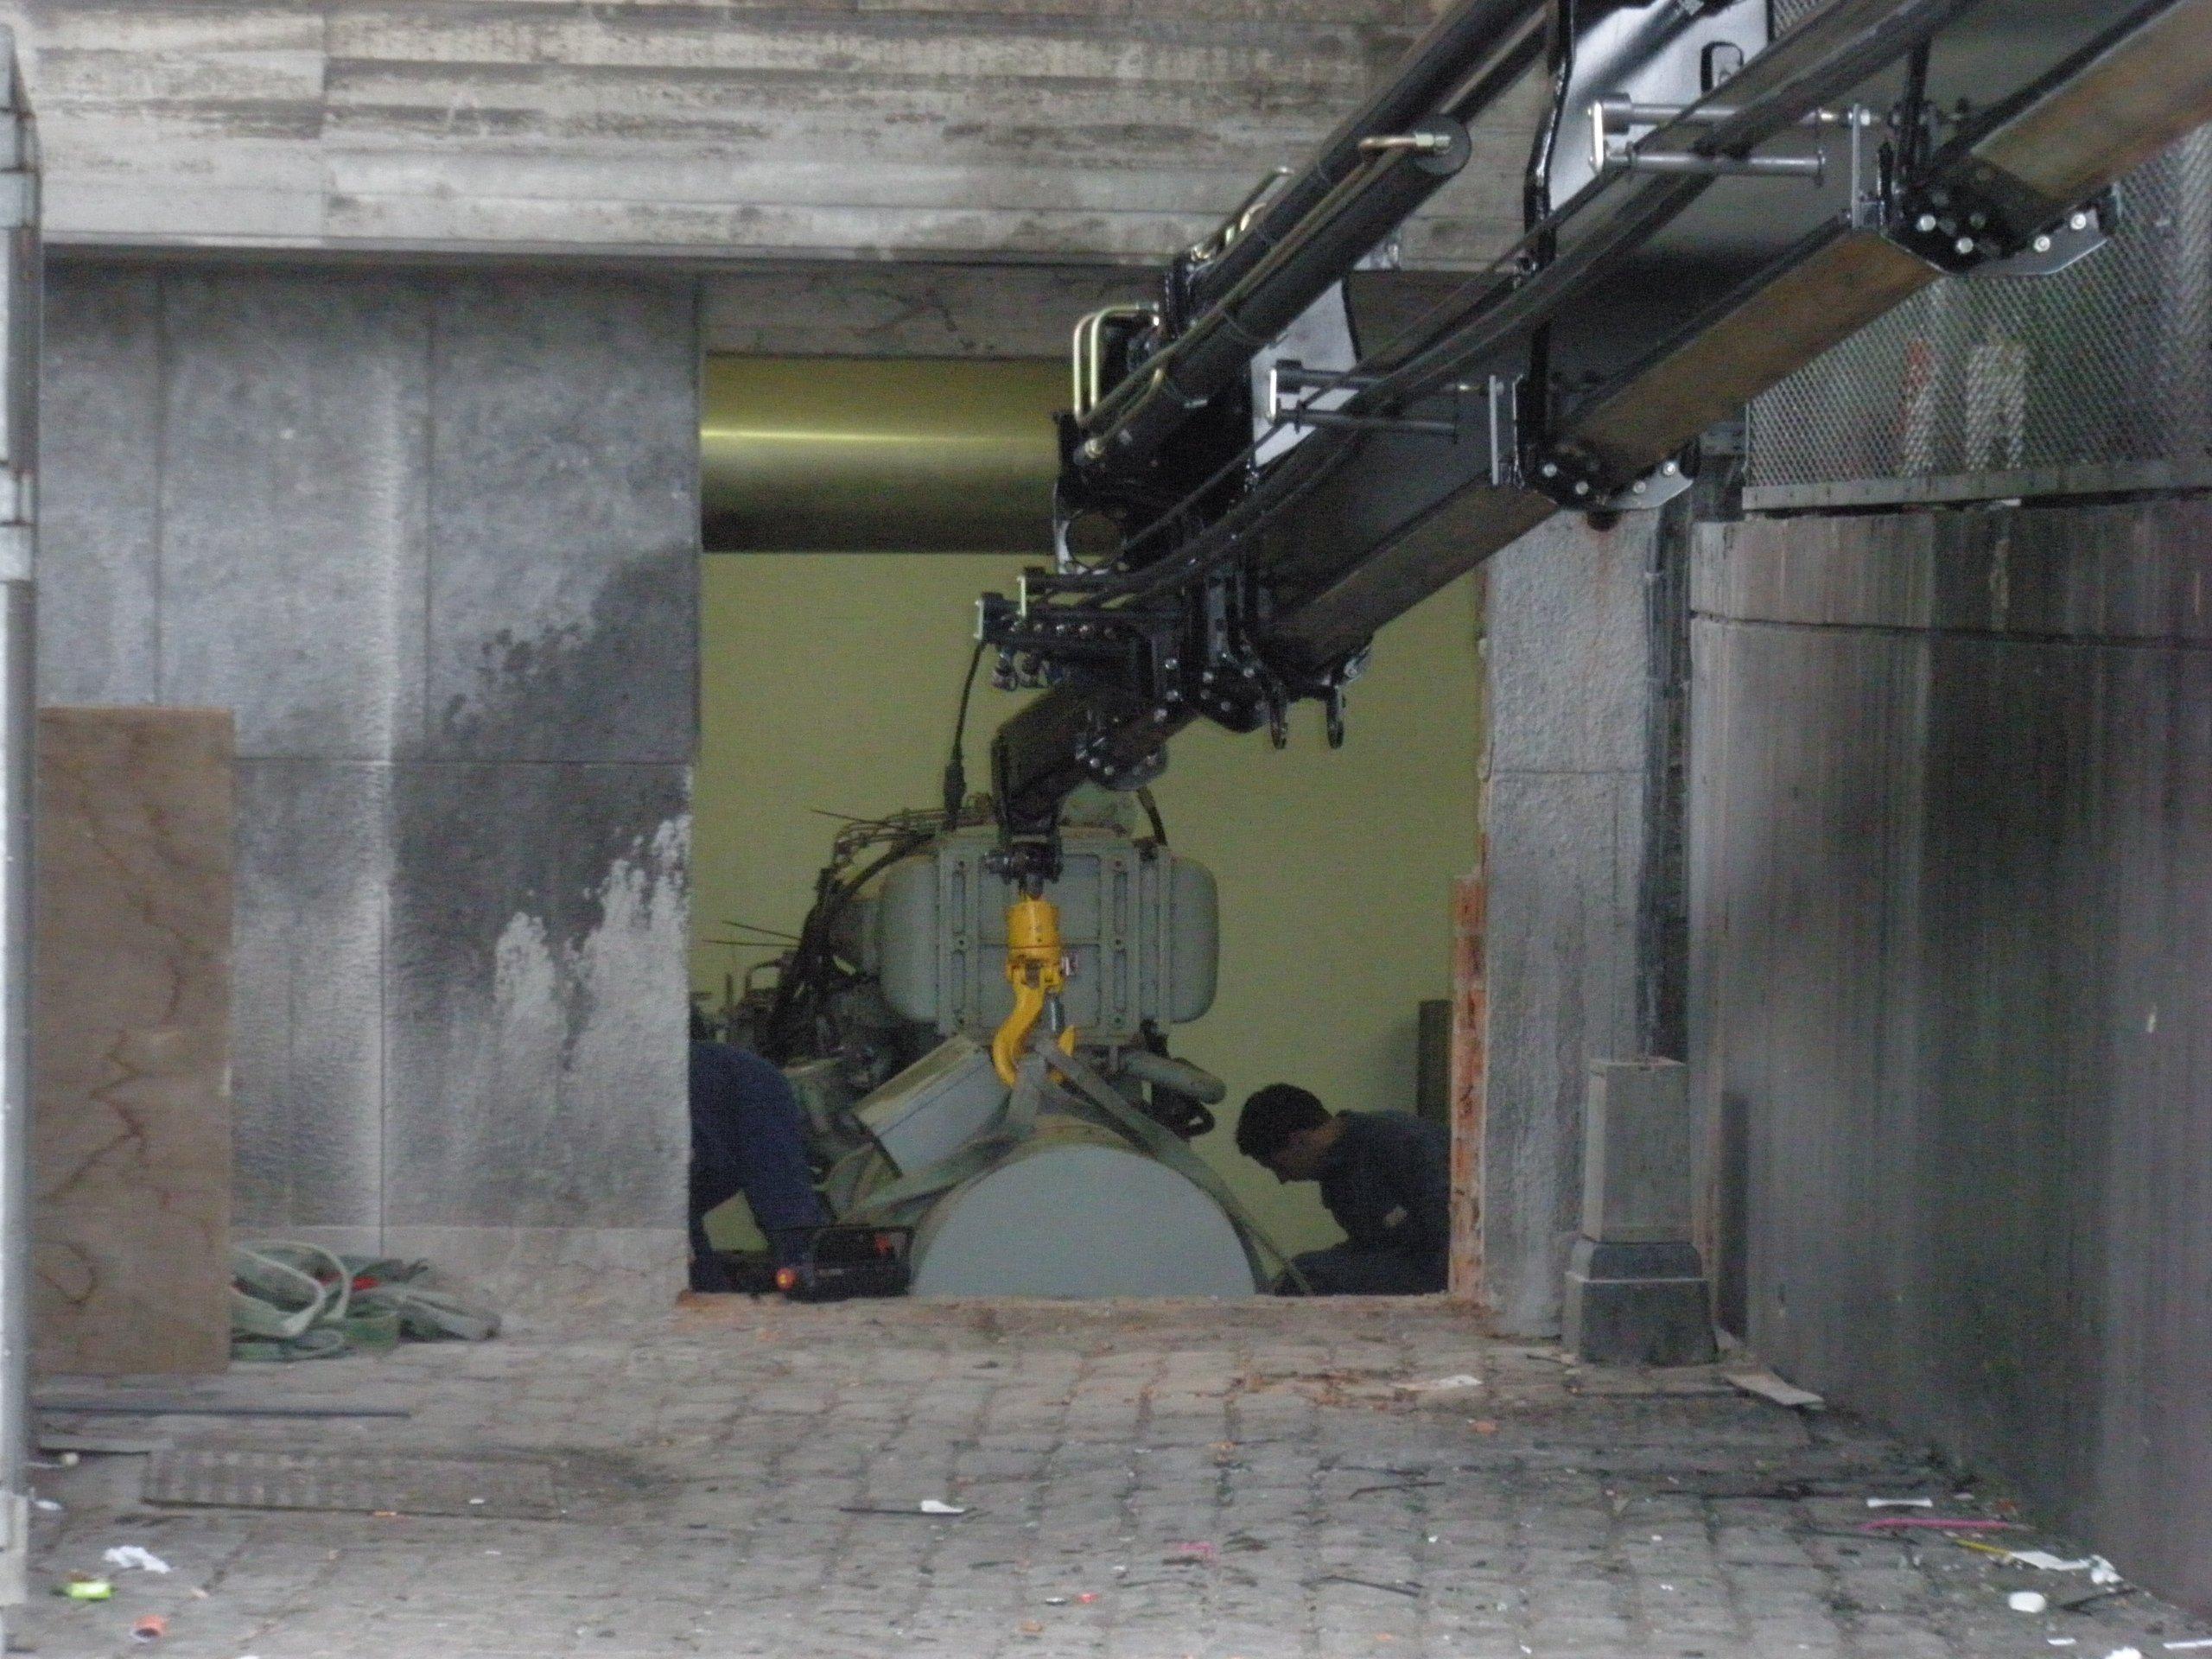 Noodstroominstallatie Stadschouwburg Antwerpen-04.JPG